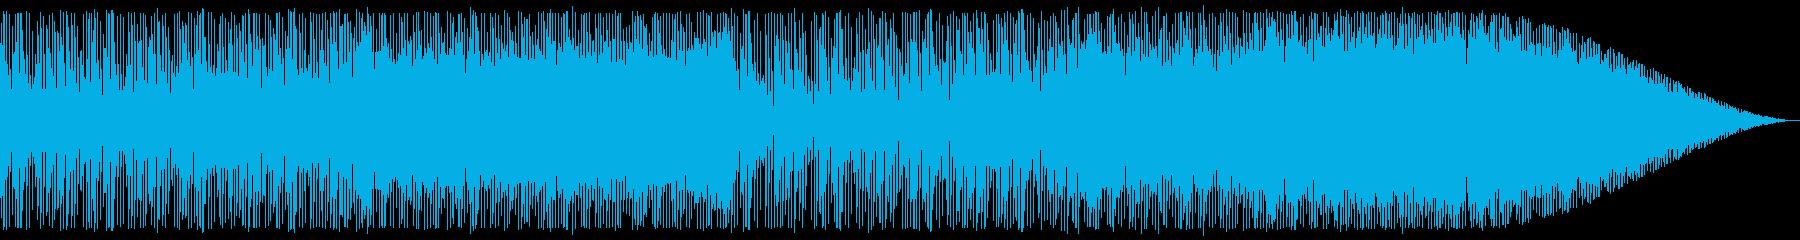 爽やか/ハウス/ギター生演奏_No505の再生済みの波形